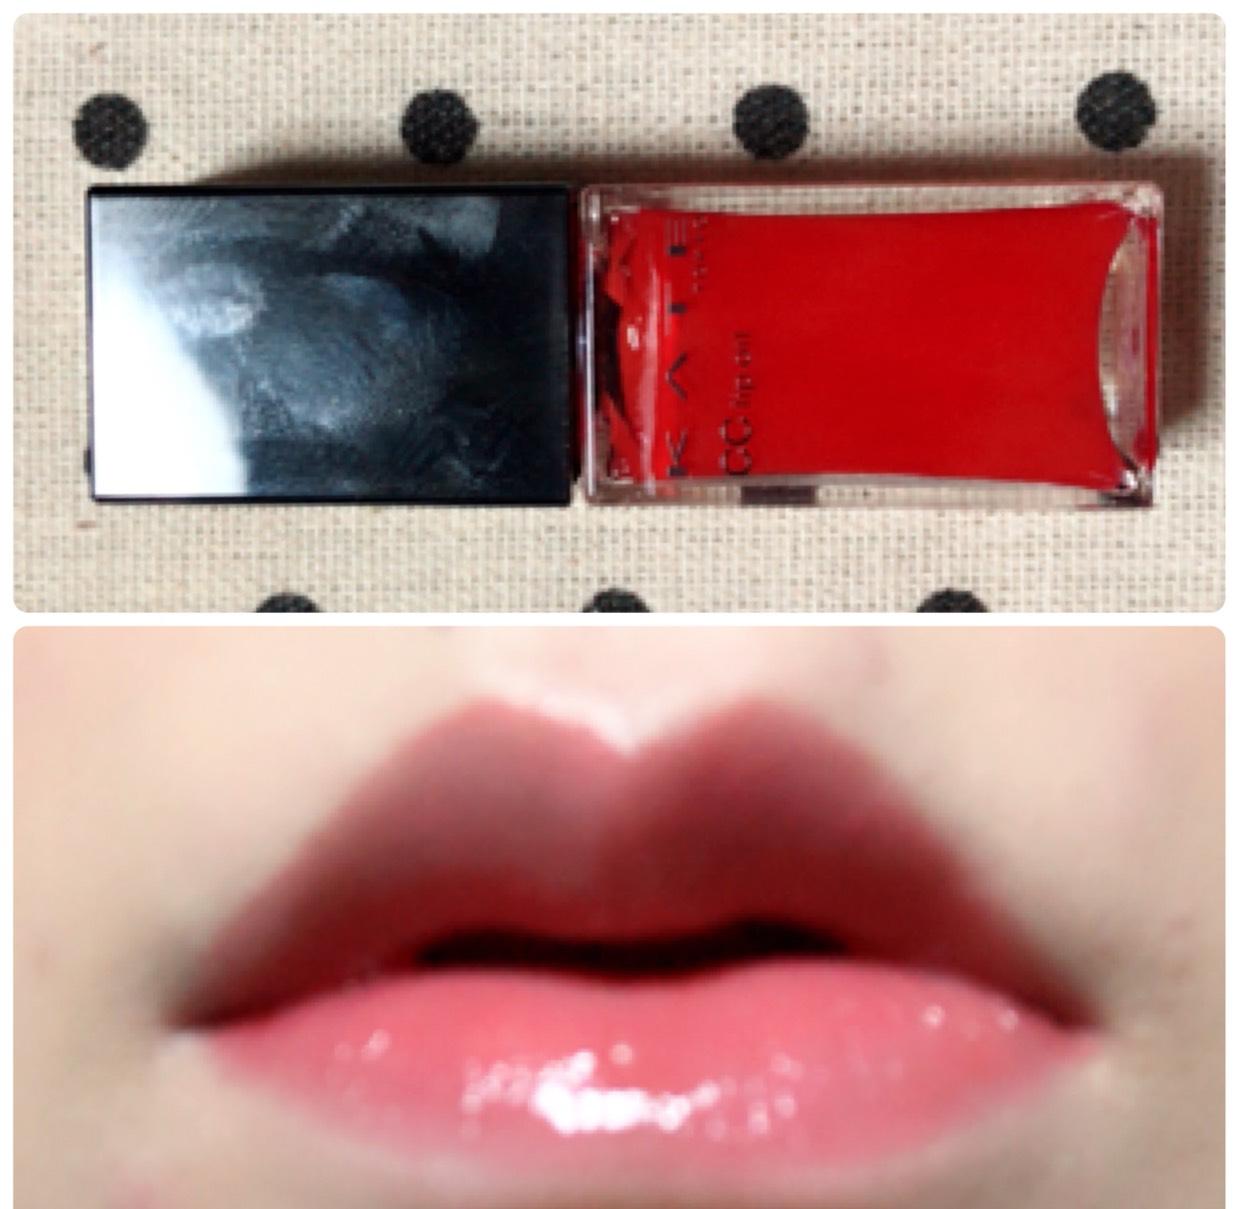 KATEのリップオイルを塗って手持ちの赤リップを内側に塗ります。